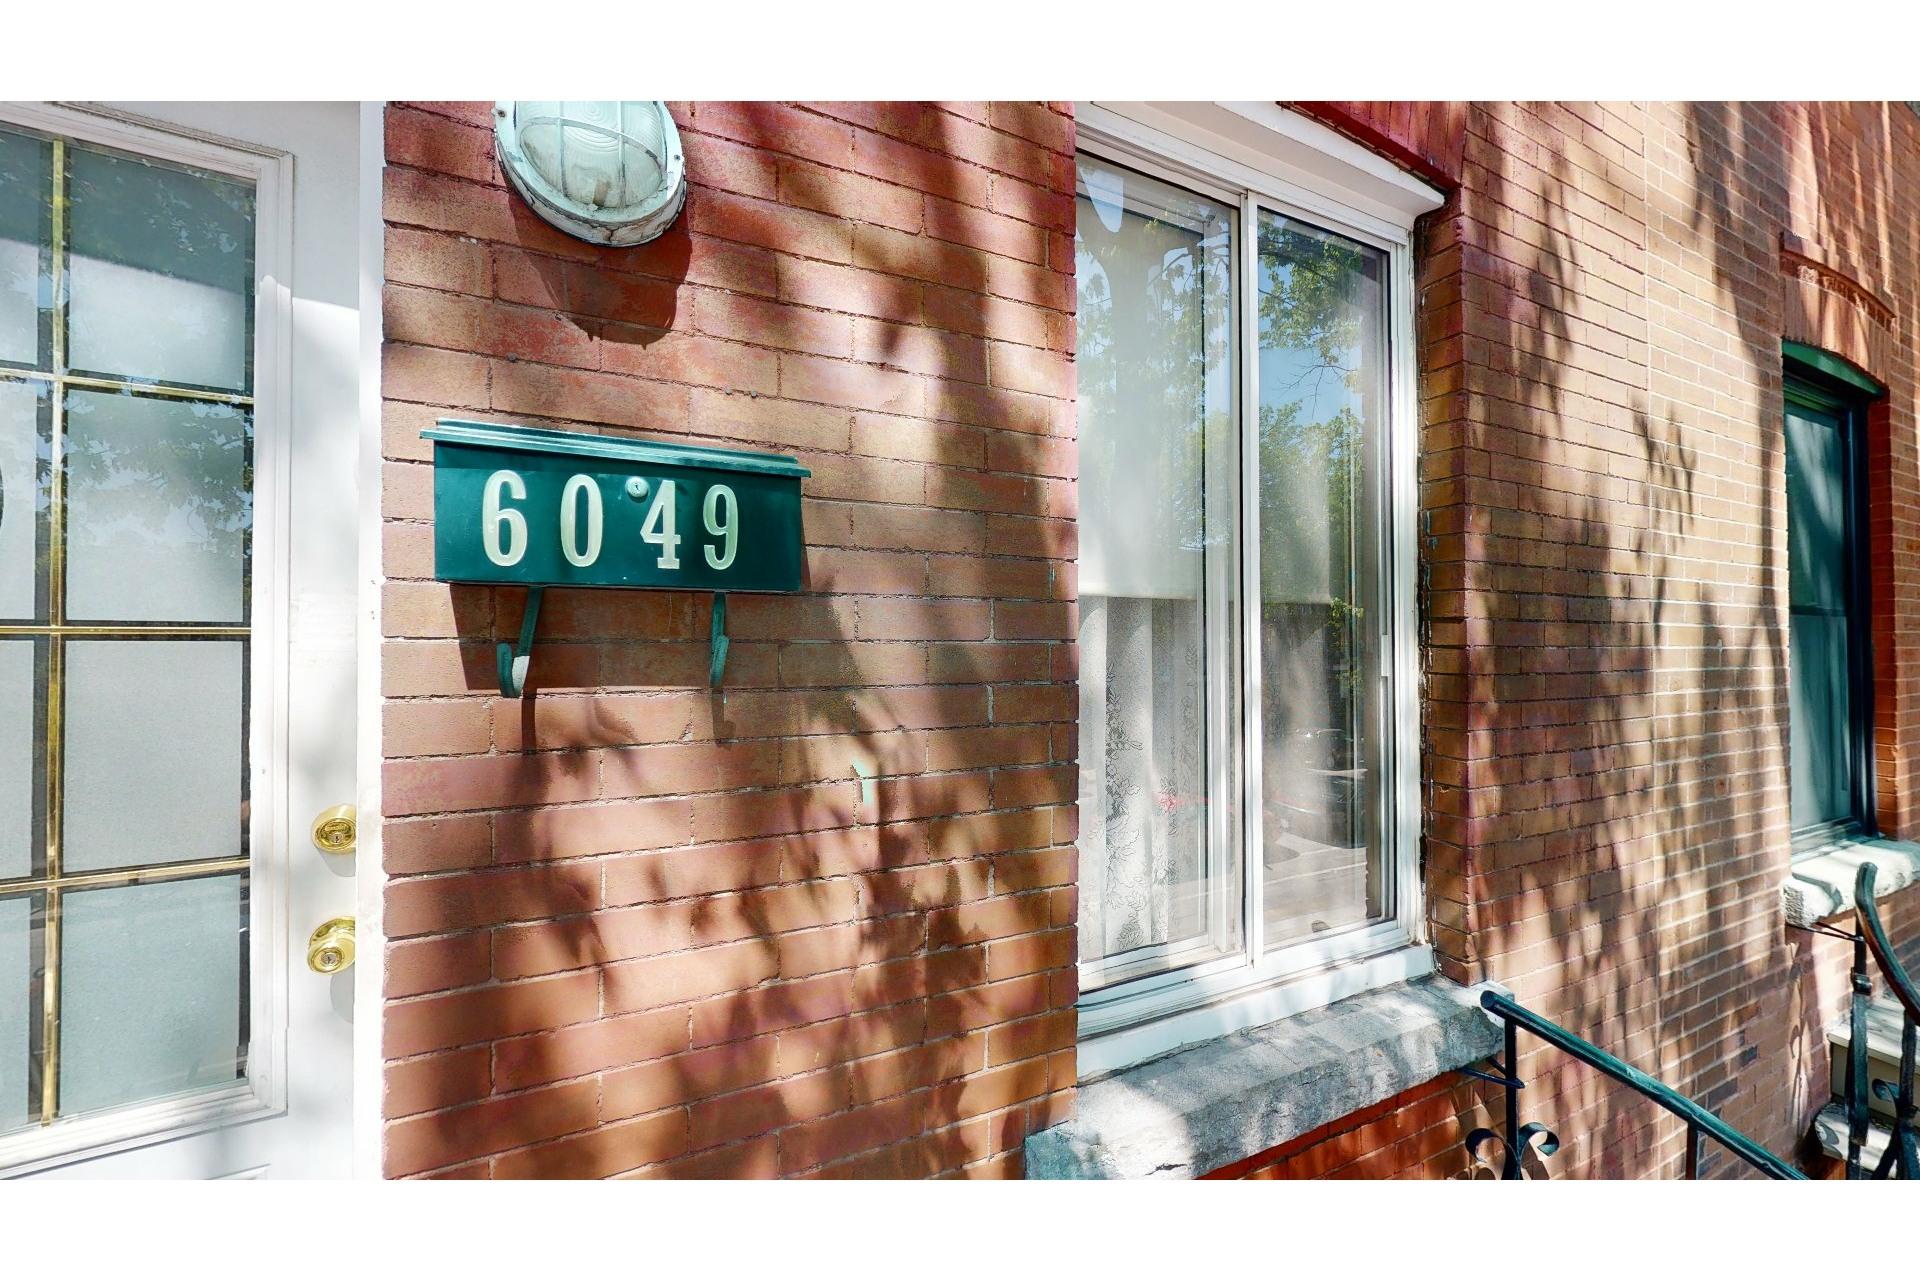 image 18 - Duplex À vendre Rosemont/La Petite-Patrie Montréal  - 4 pièces